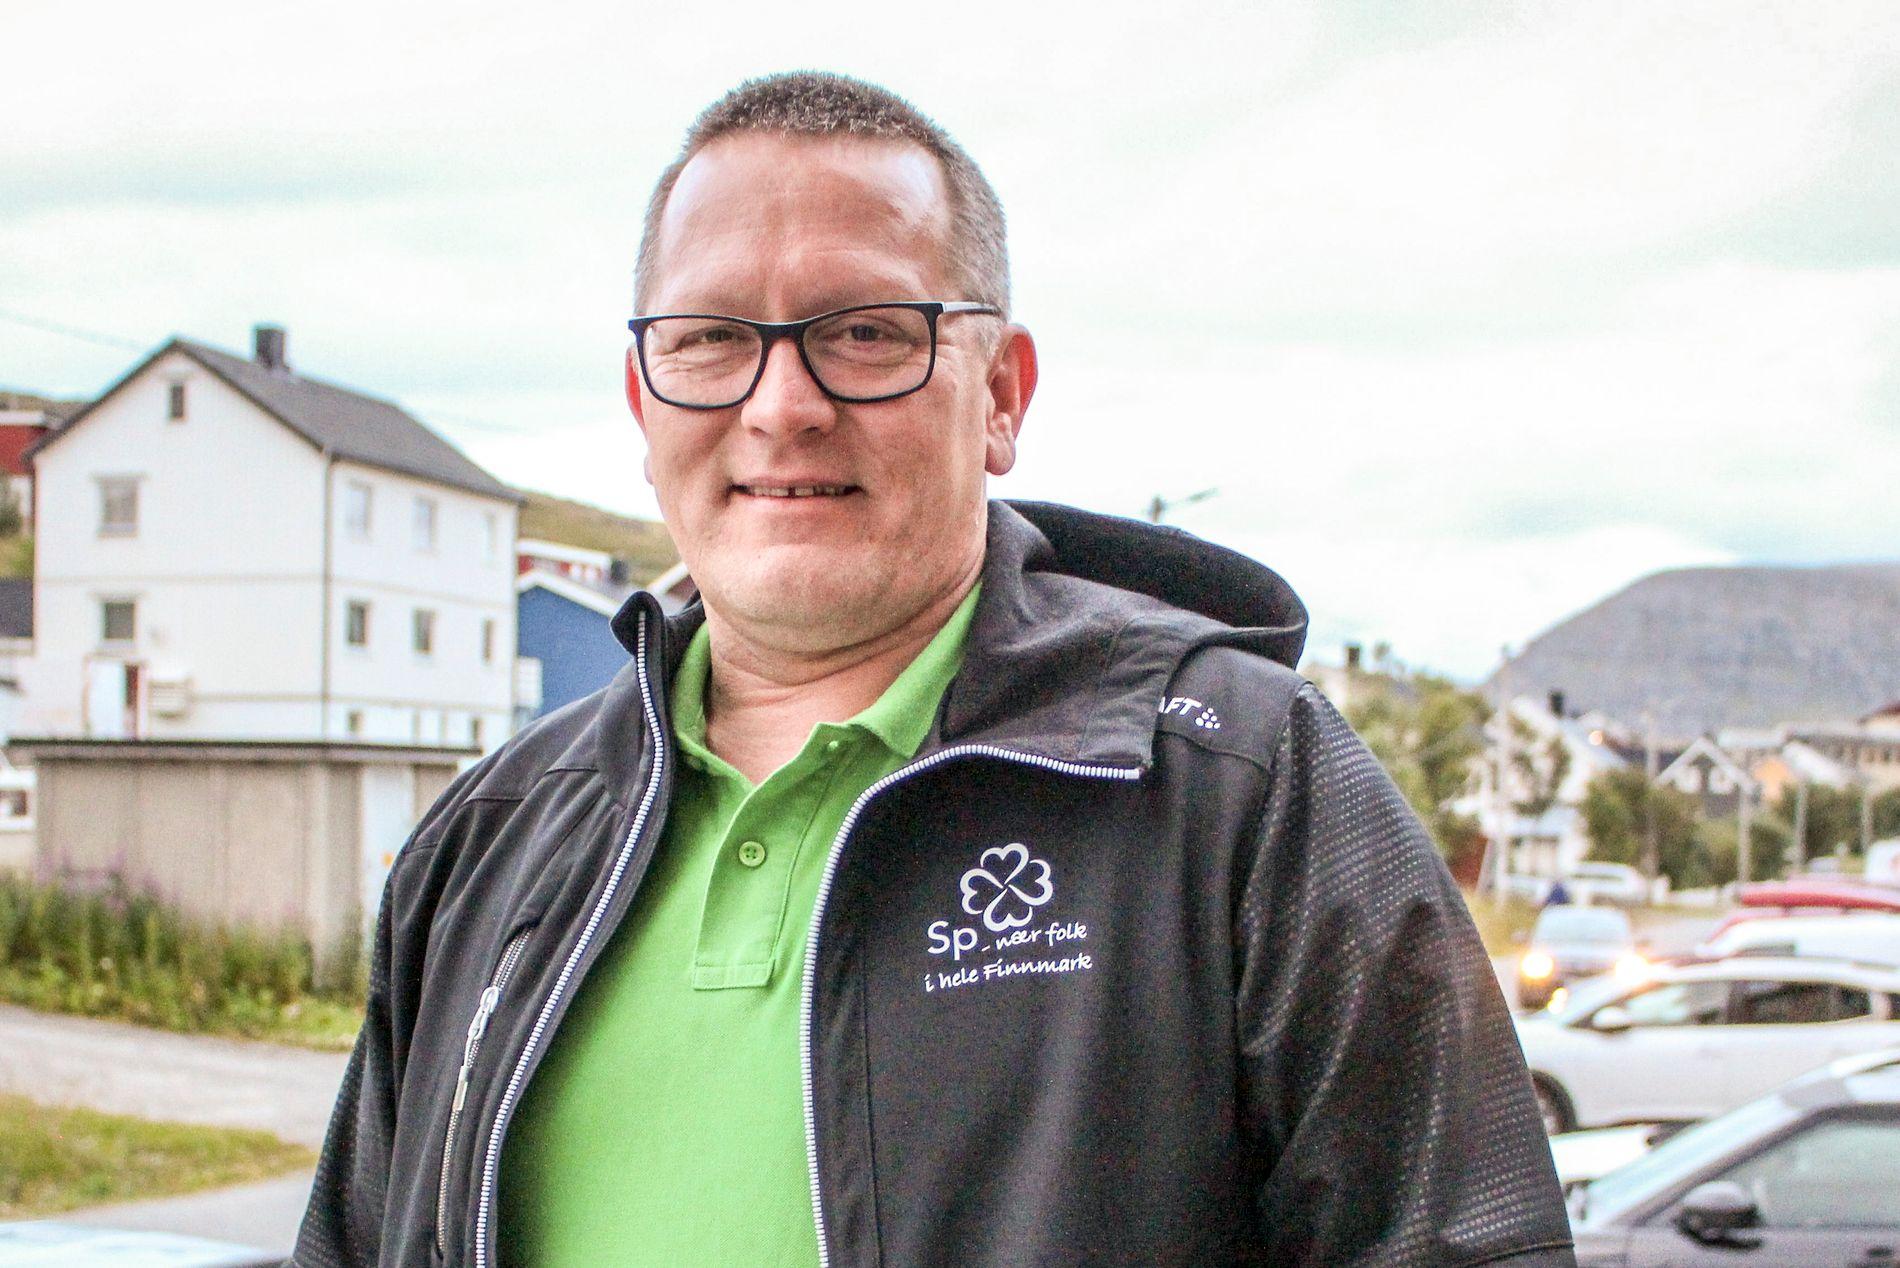 KYST-SP: Tor Harald Mikkola i Nordkapp Sp håper partiet vokser nok i kystkommuner som Nordkapp, Lebesby og Gamvik til å øke fokuset på fiskeripolitikk. Han vil ikke si hvem han vil samarbeide med etter valget.